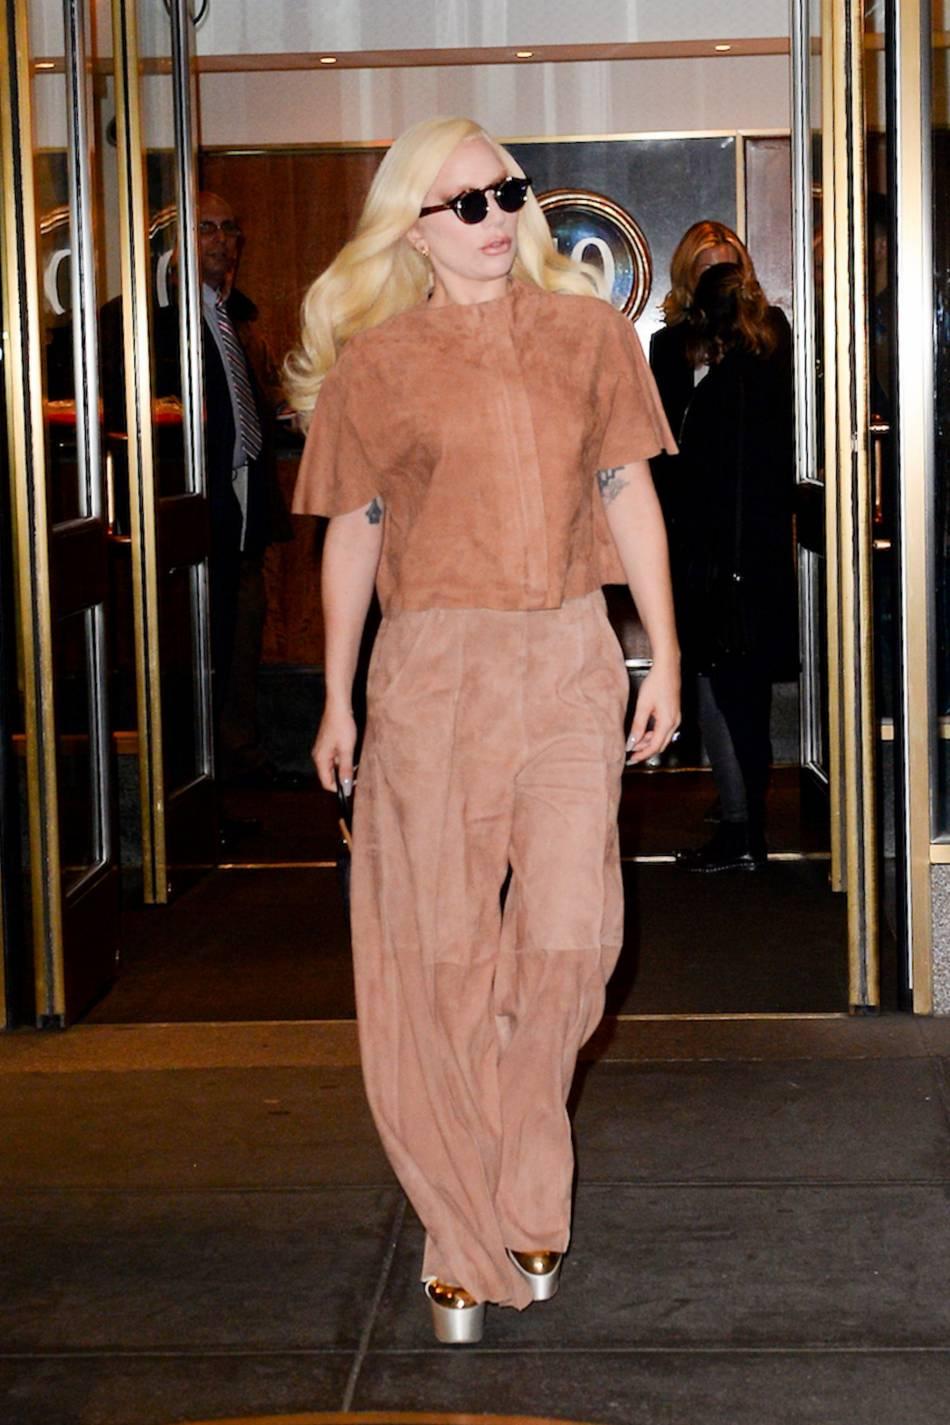 Exit le string et le collant résille, Lady Gaga ose une tenue simple et chic.